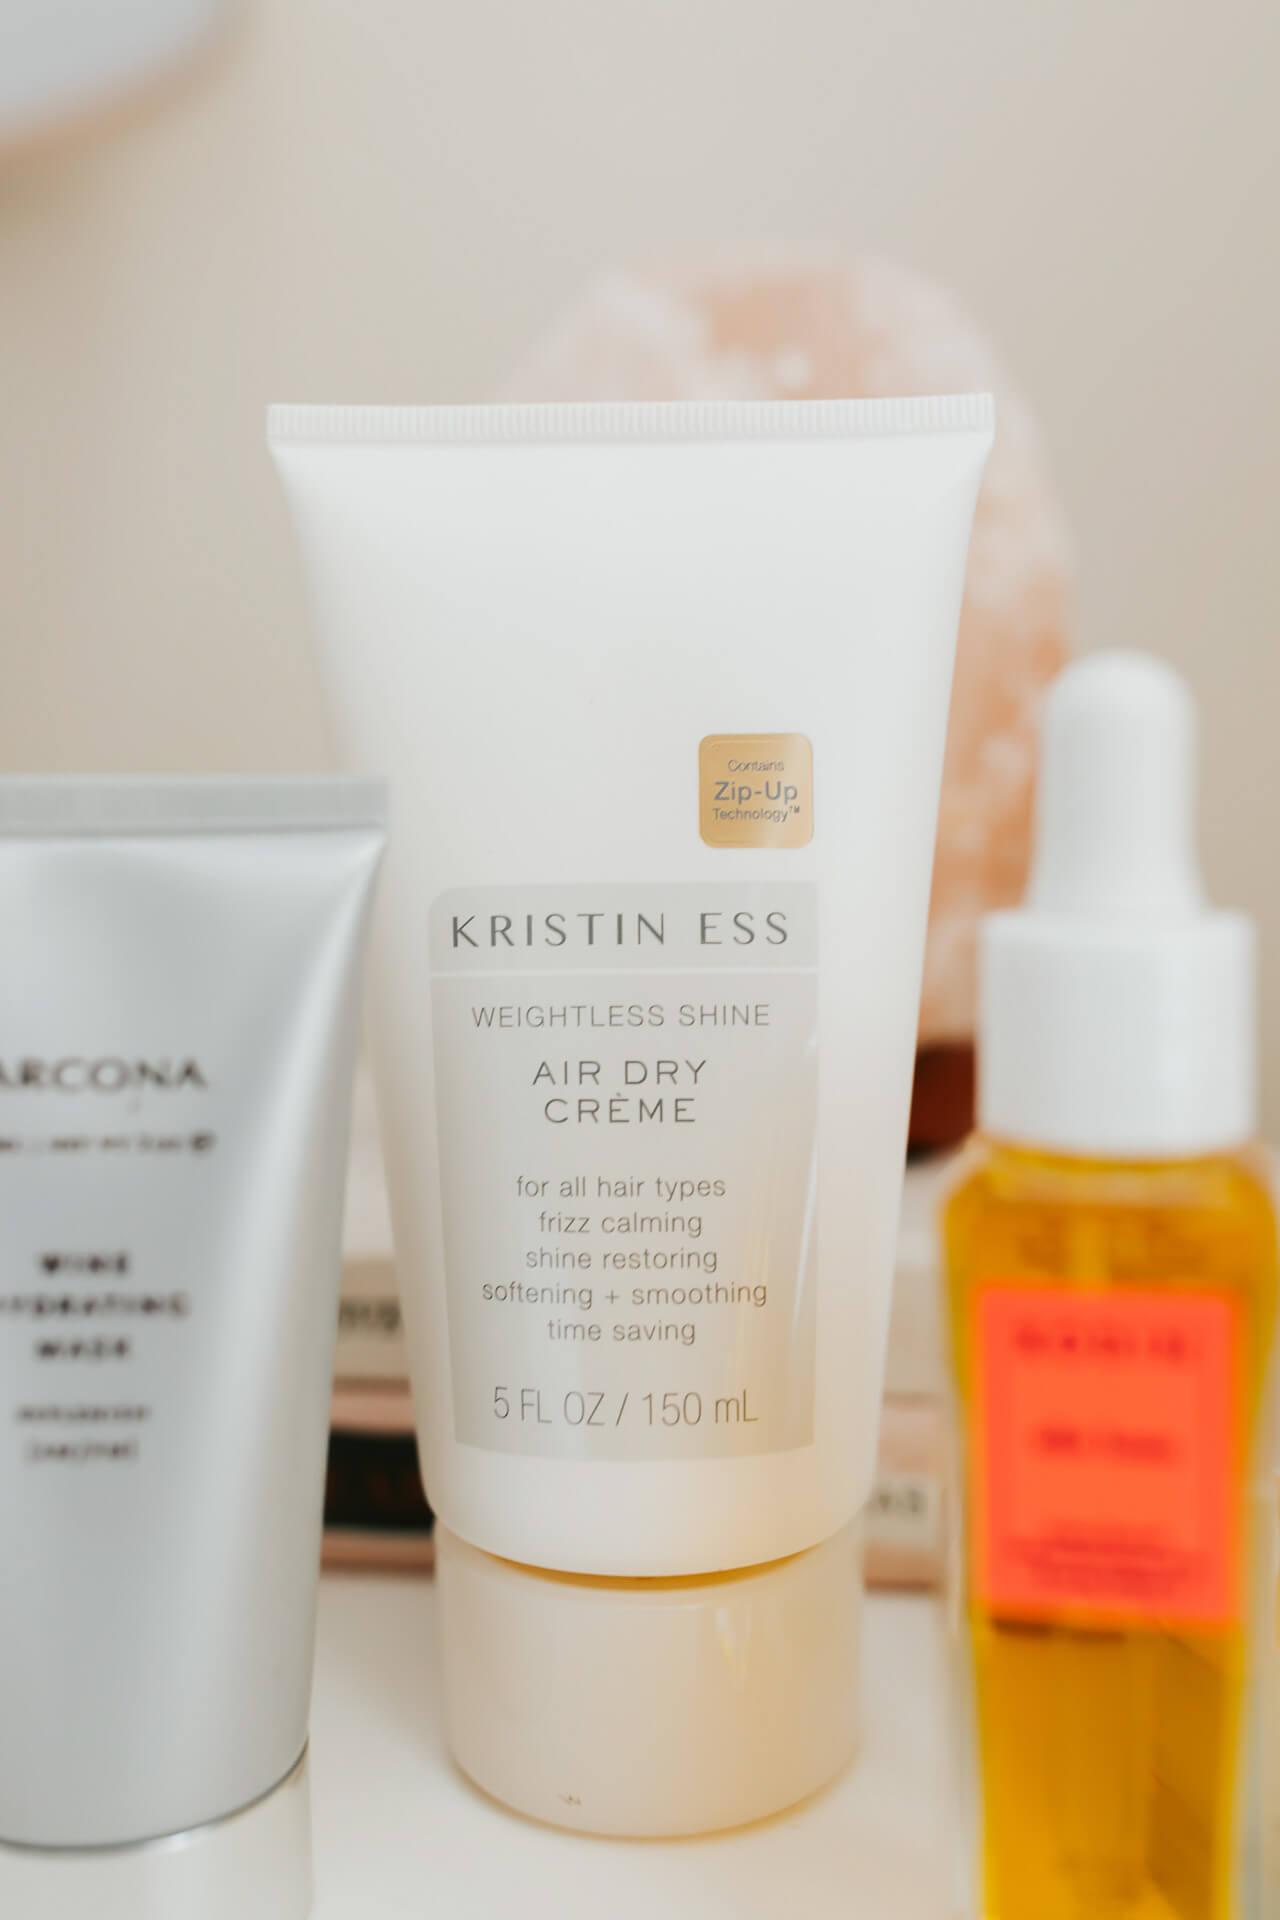 Kristin Ess Air Dry Creme for soft hair